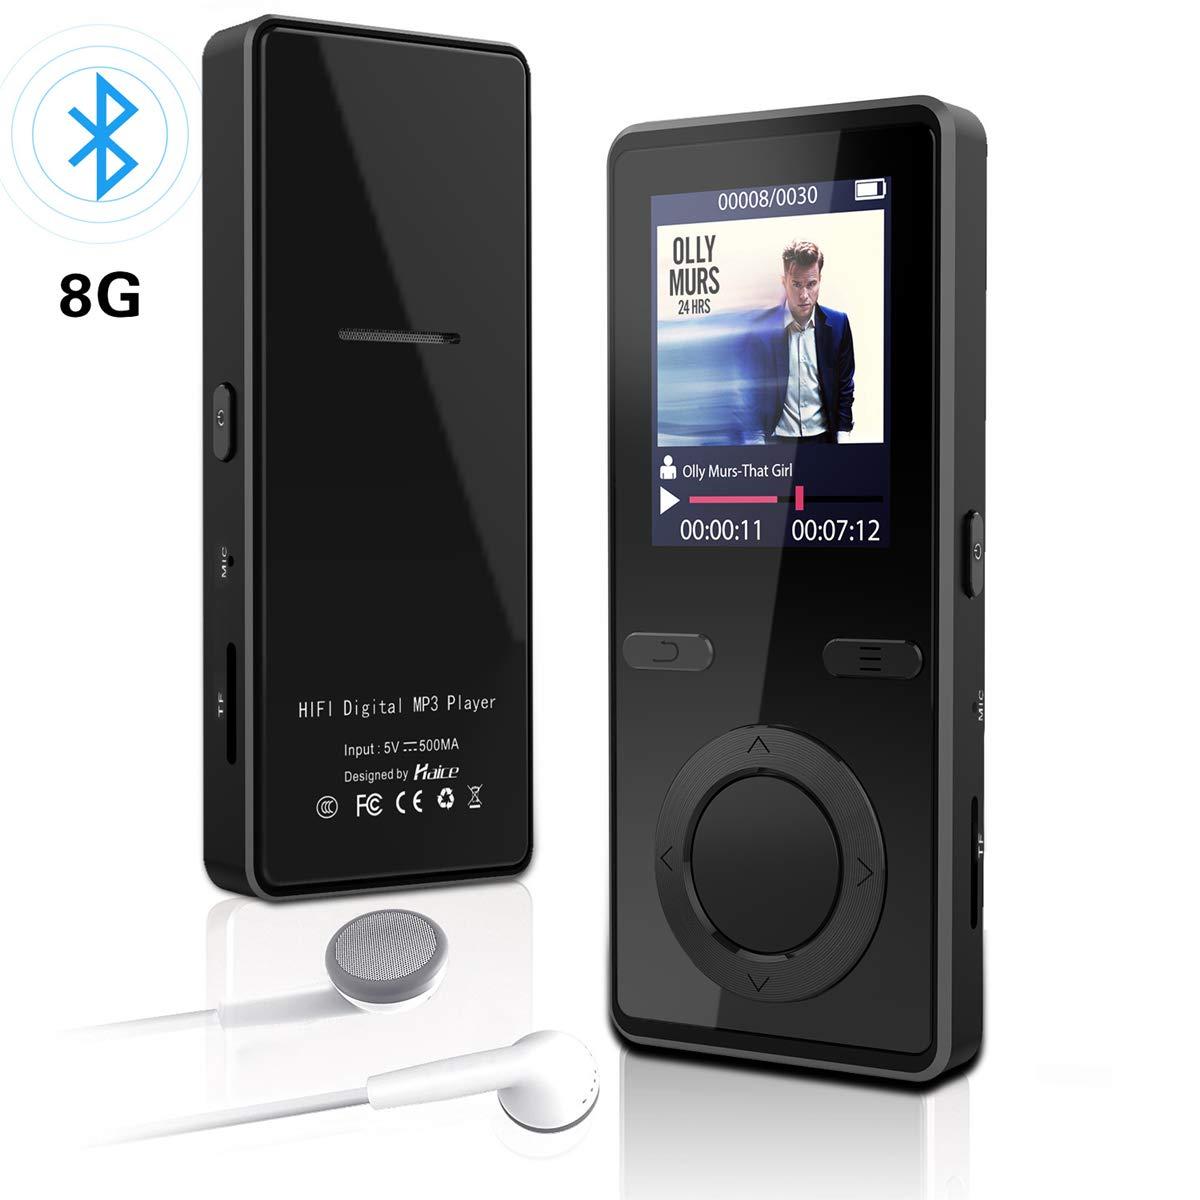 Reproductor mp3 Bluetooth,Haice Reproductores Portátiles de MP3 de 8GB Audio Reproductores de Música con Altavoz / Radio FM / Grabador de Voz / Reproducción de Música con Apagado Programado